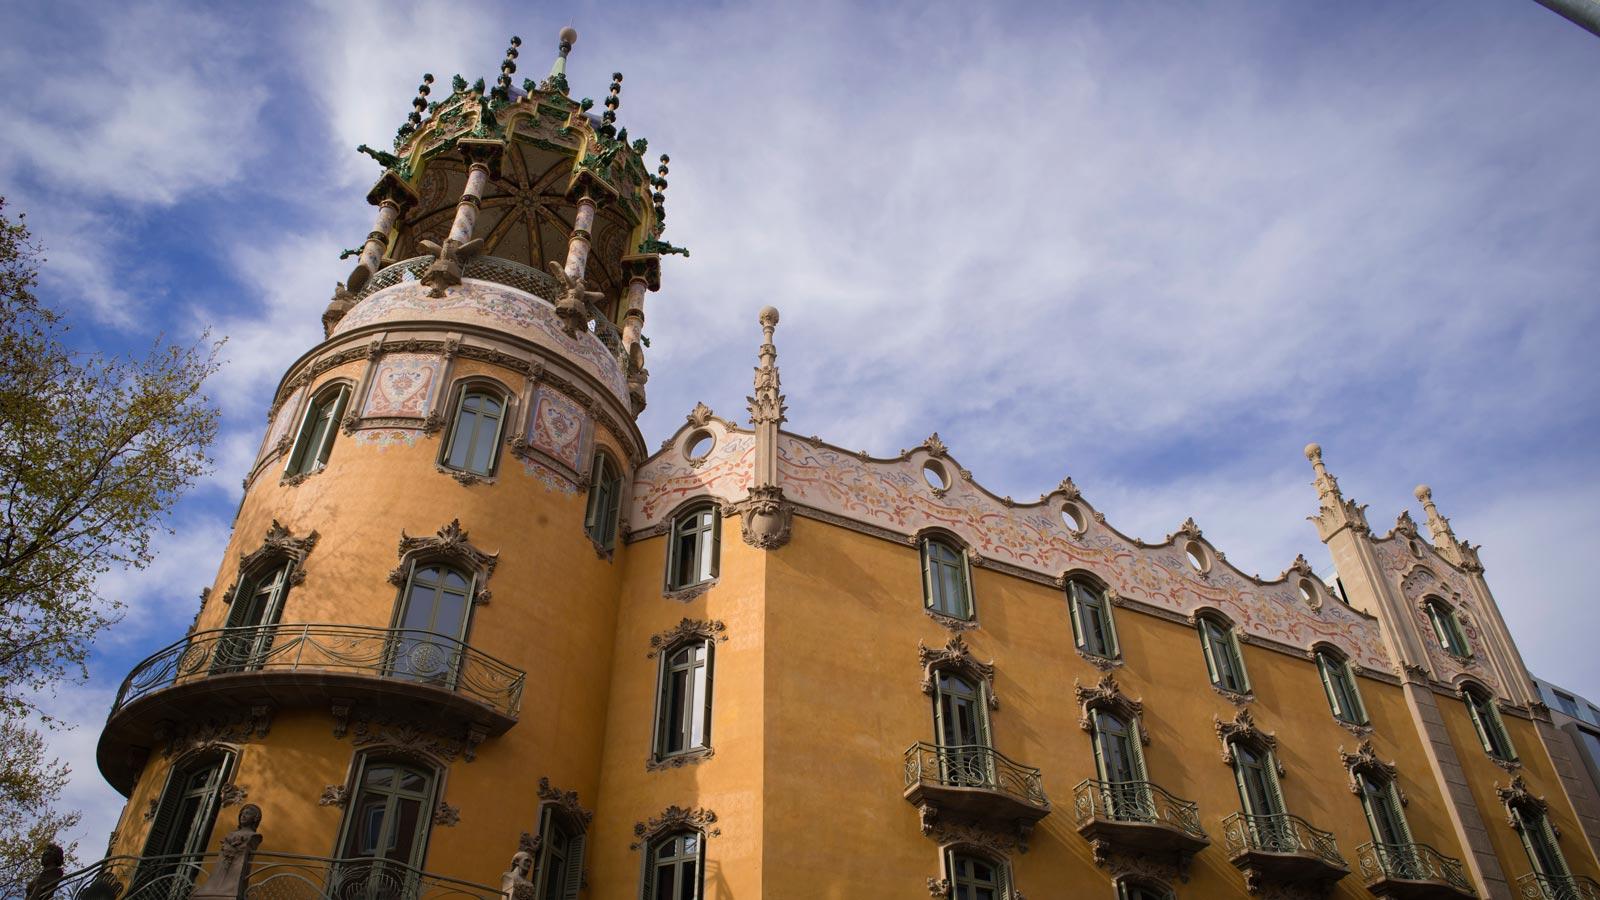 Centro de Innovación para la Movilidad de Accenture en Barcelona